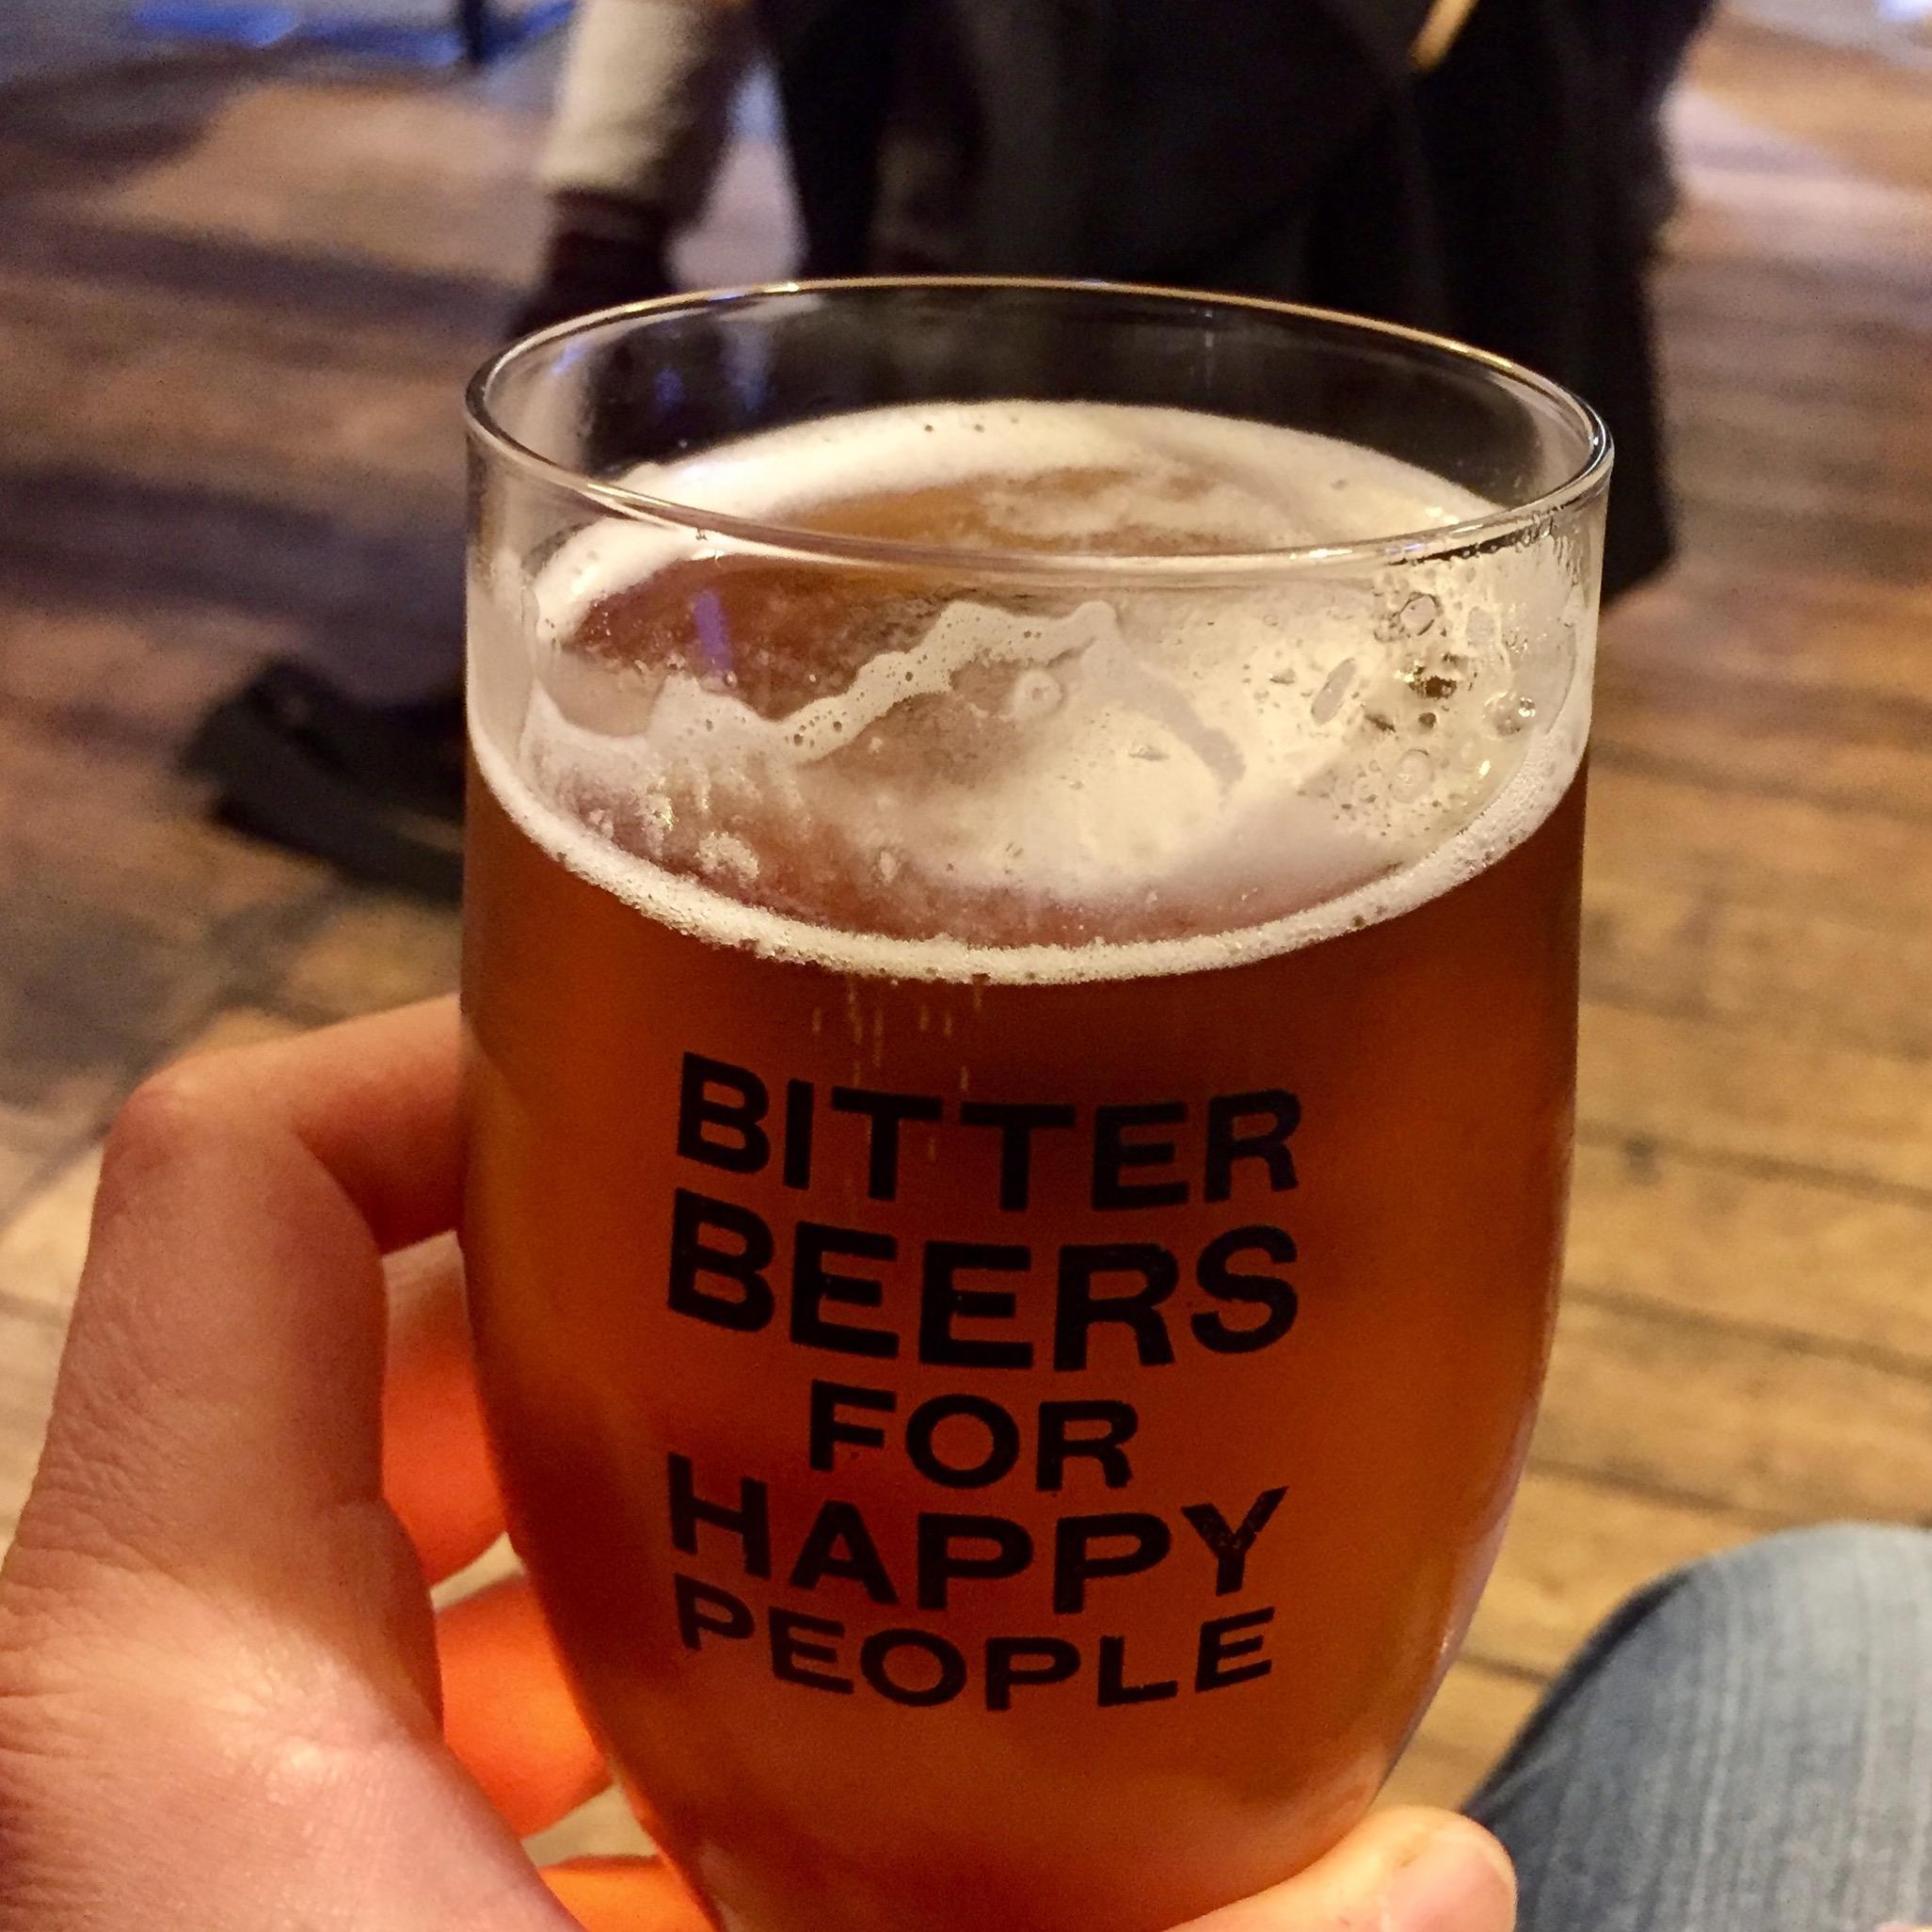 Walkley Beer Co